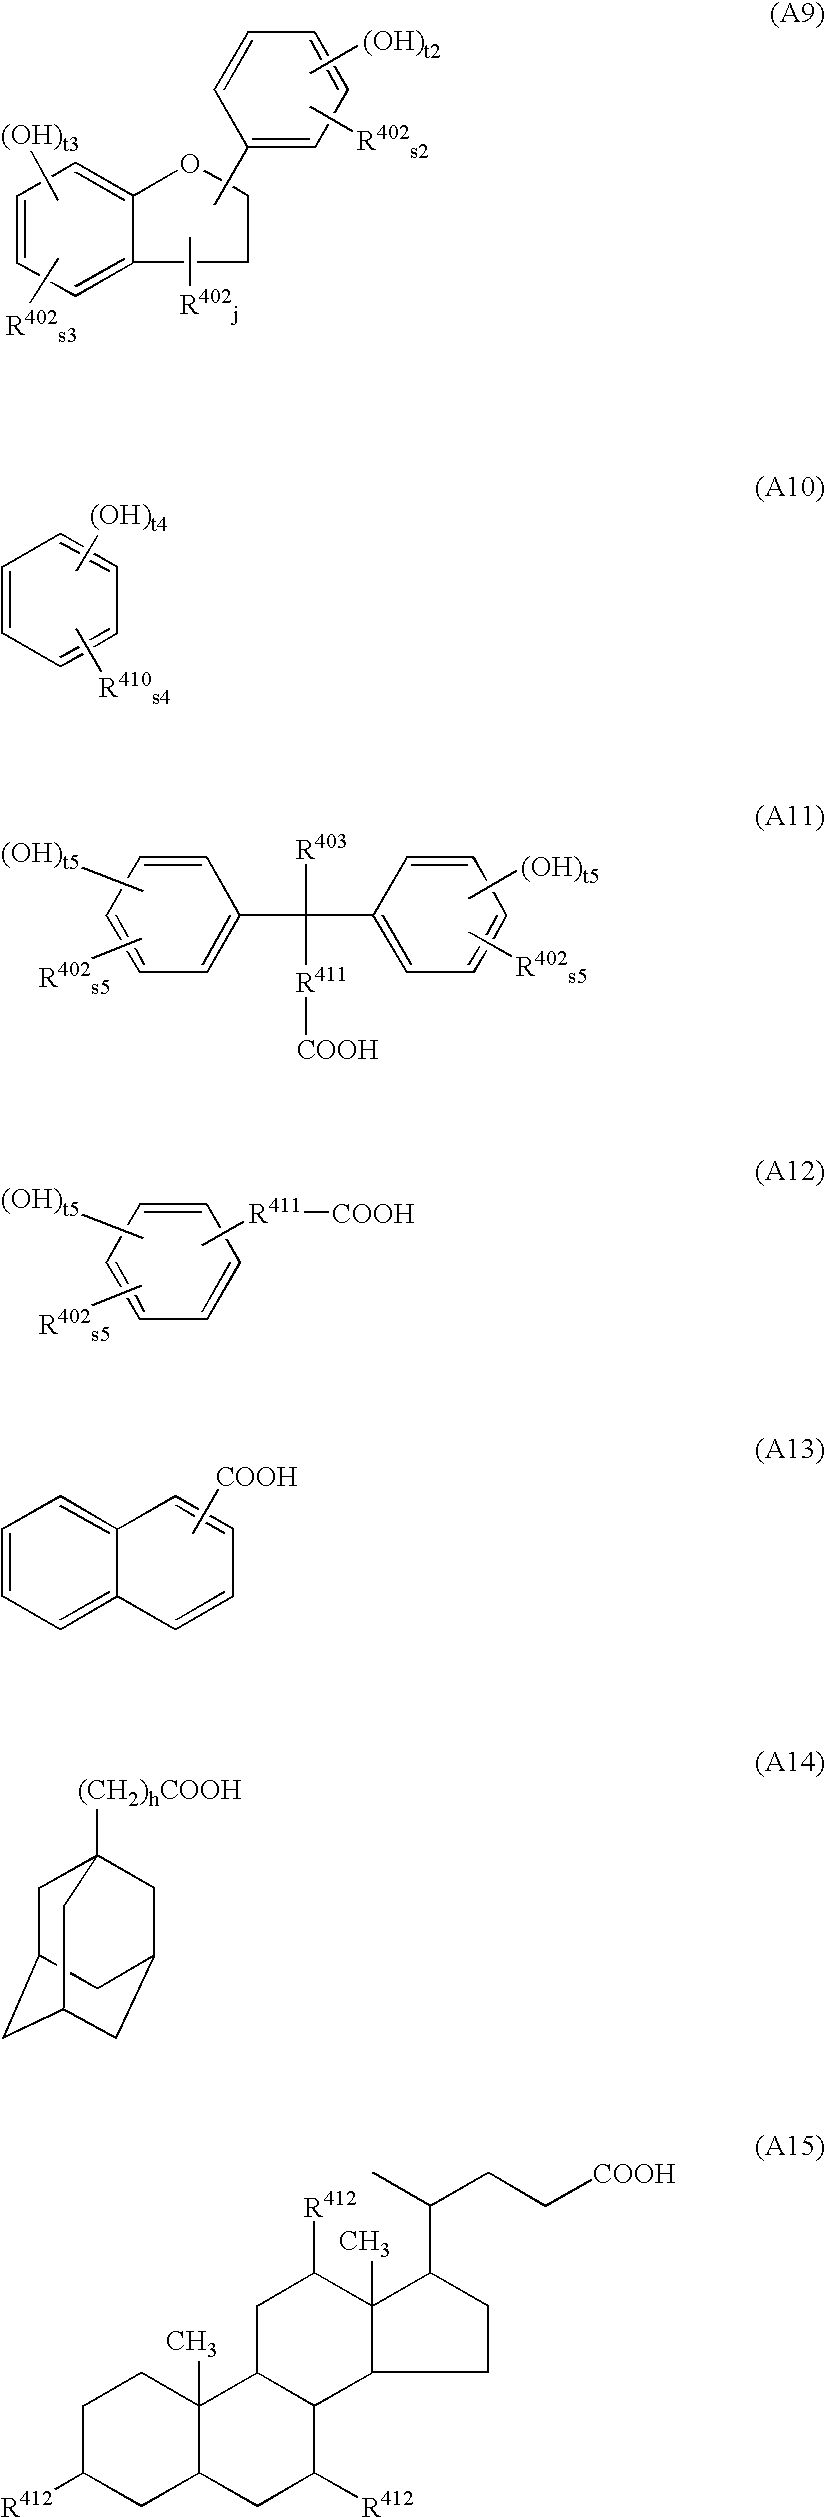 Figure US20070231738A1-20071004-C00070